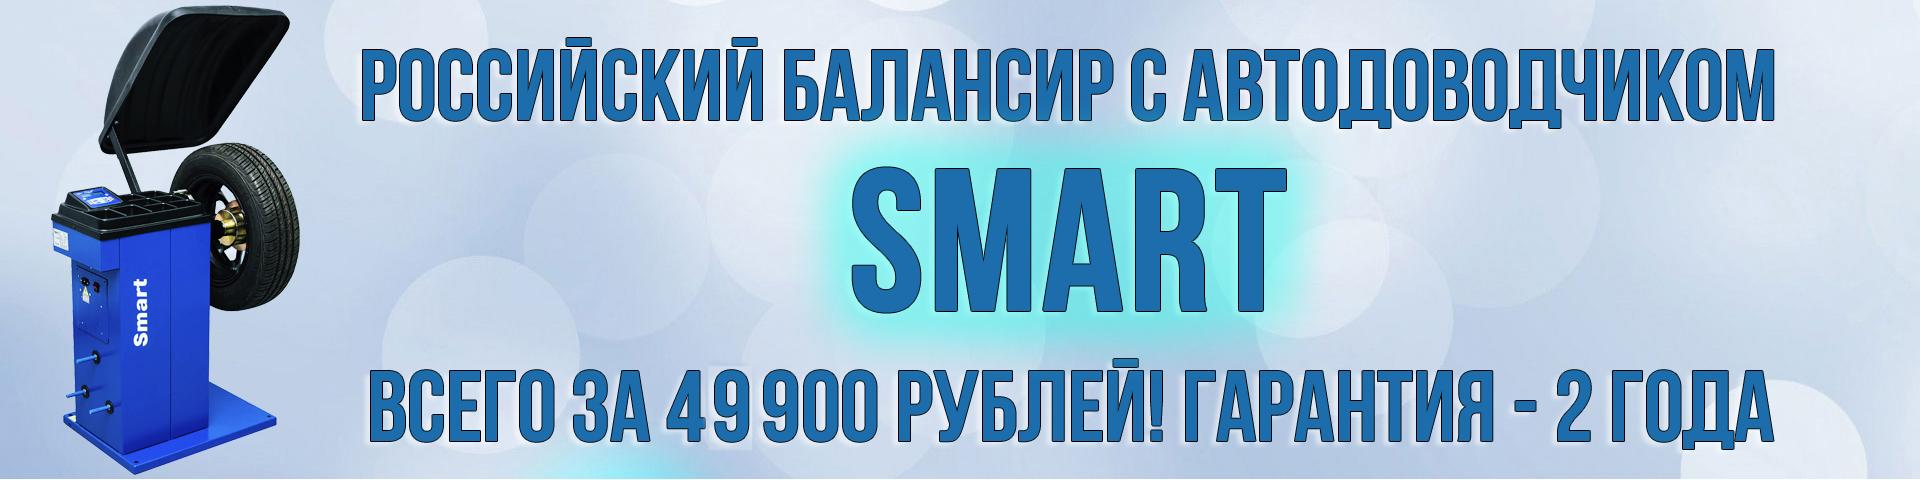 Российский балансир SMART с автодоводчиком